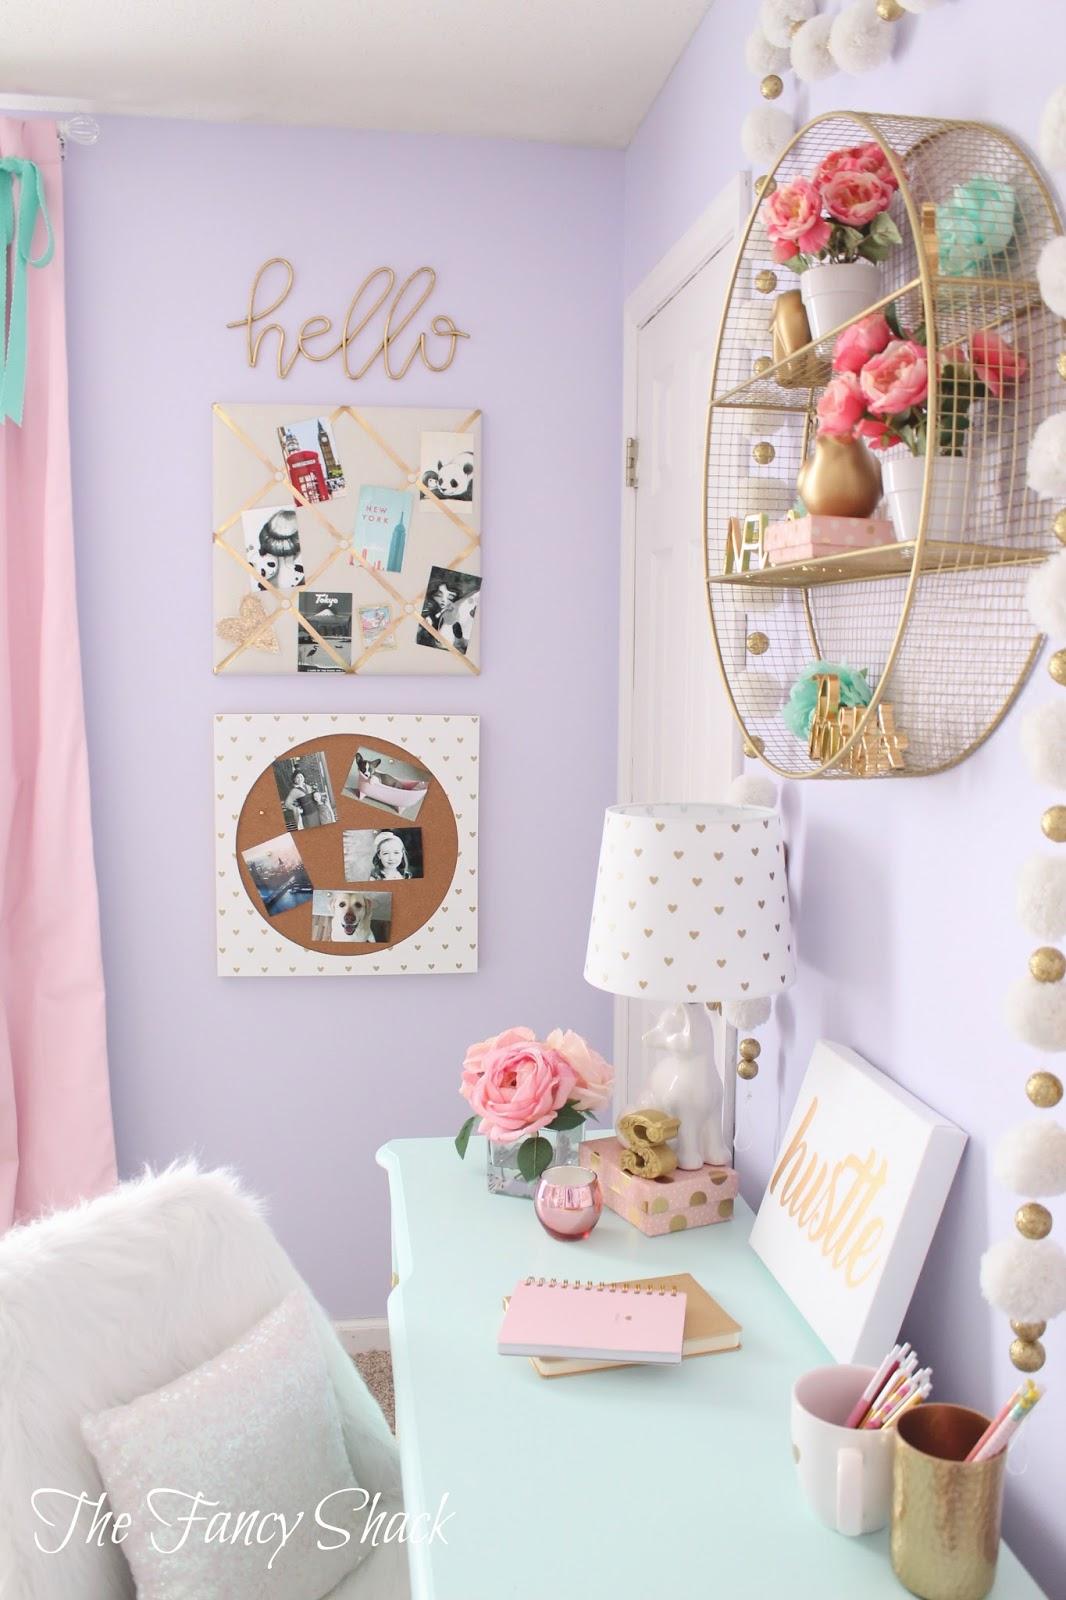 The fancy shack pastel girls room makeover - Decoracion para dormitorios ...